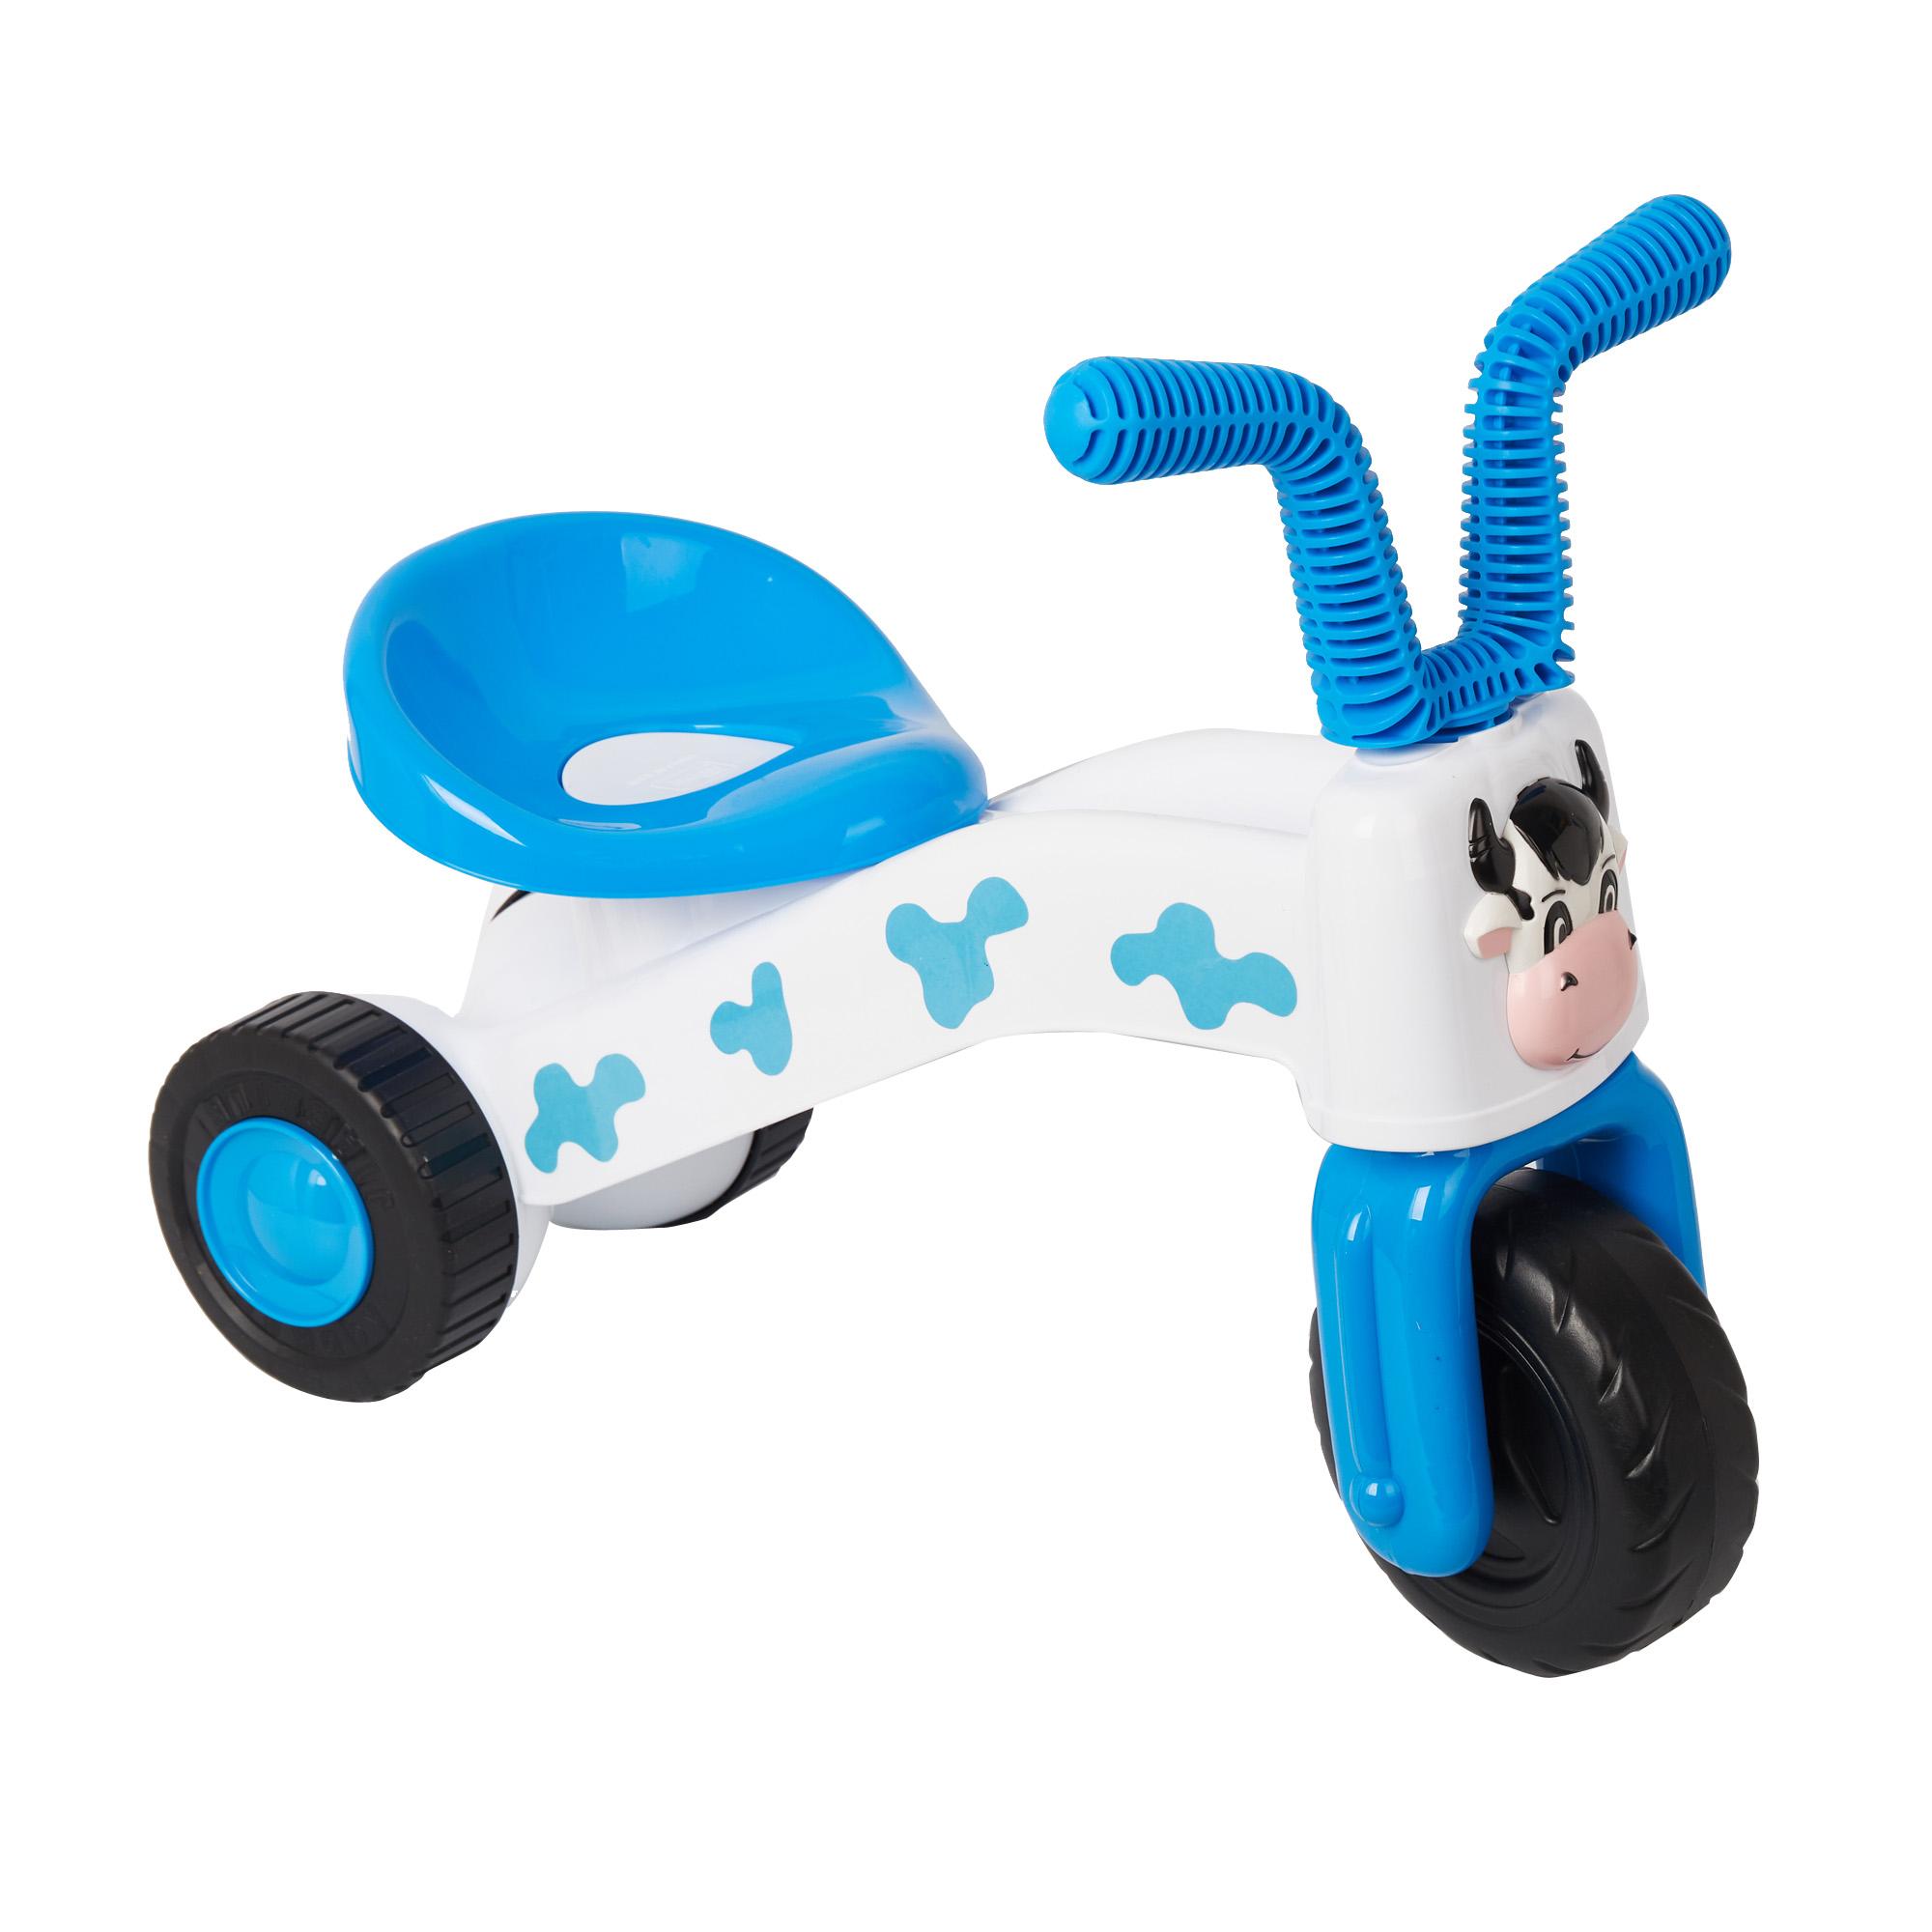 KARMAS PRODUCT Baby balance Bike Bicycle Toddler Trike Kids Ride On Toys Infant First Bike